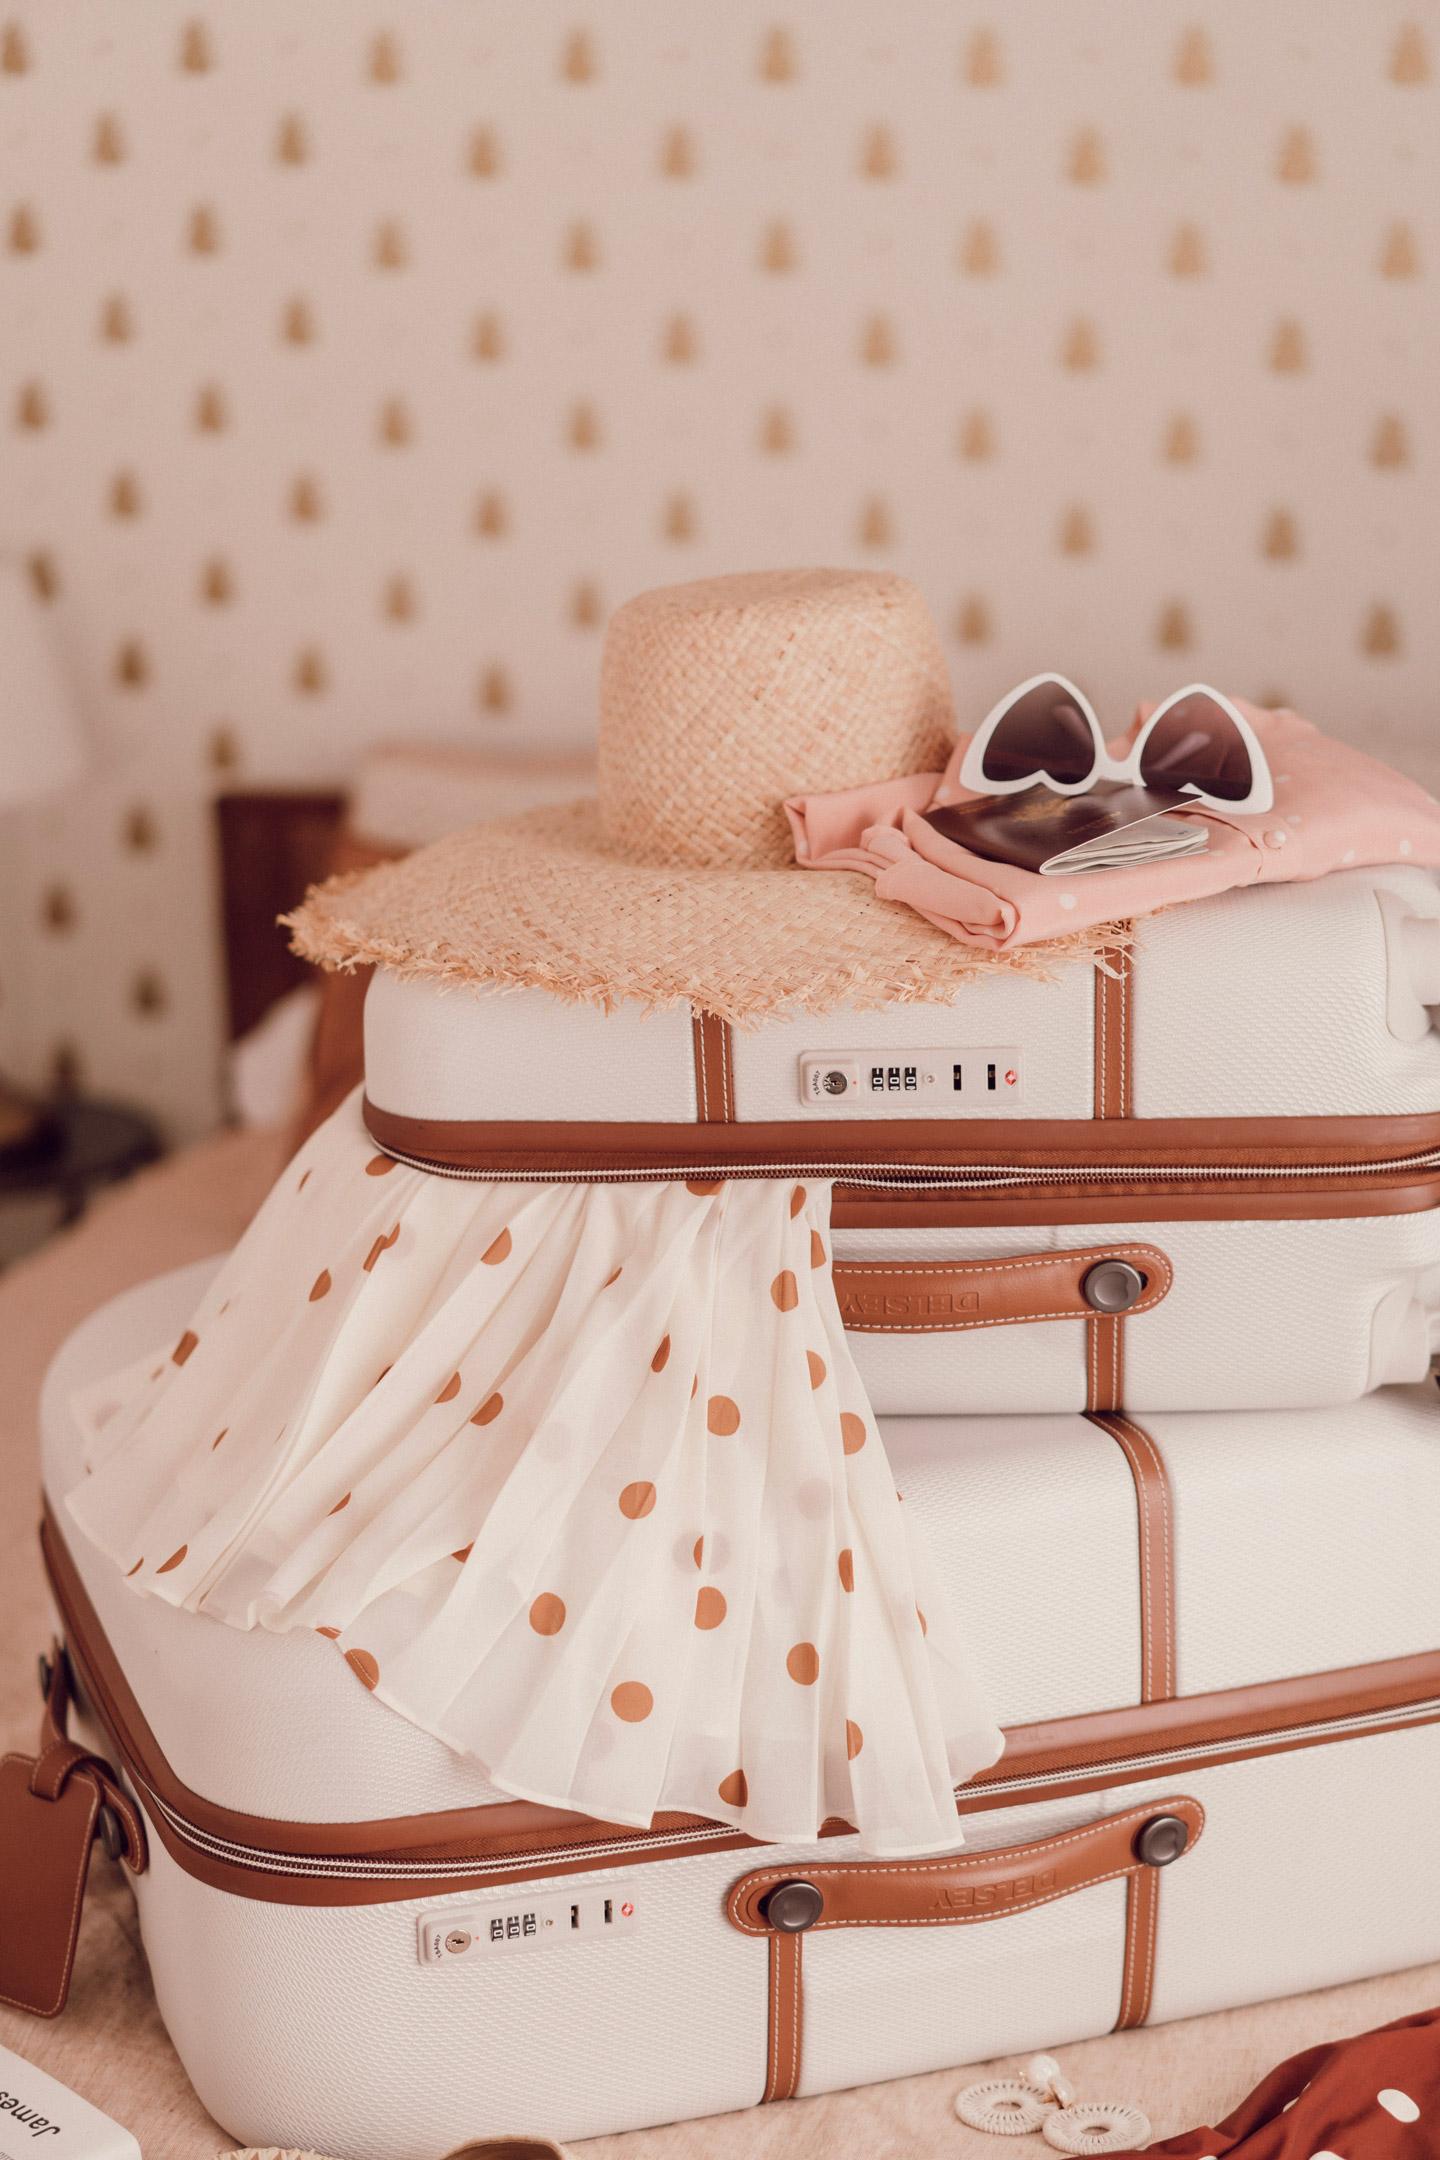 comment-bien-faire-ma-valise-2